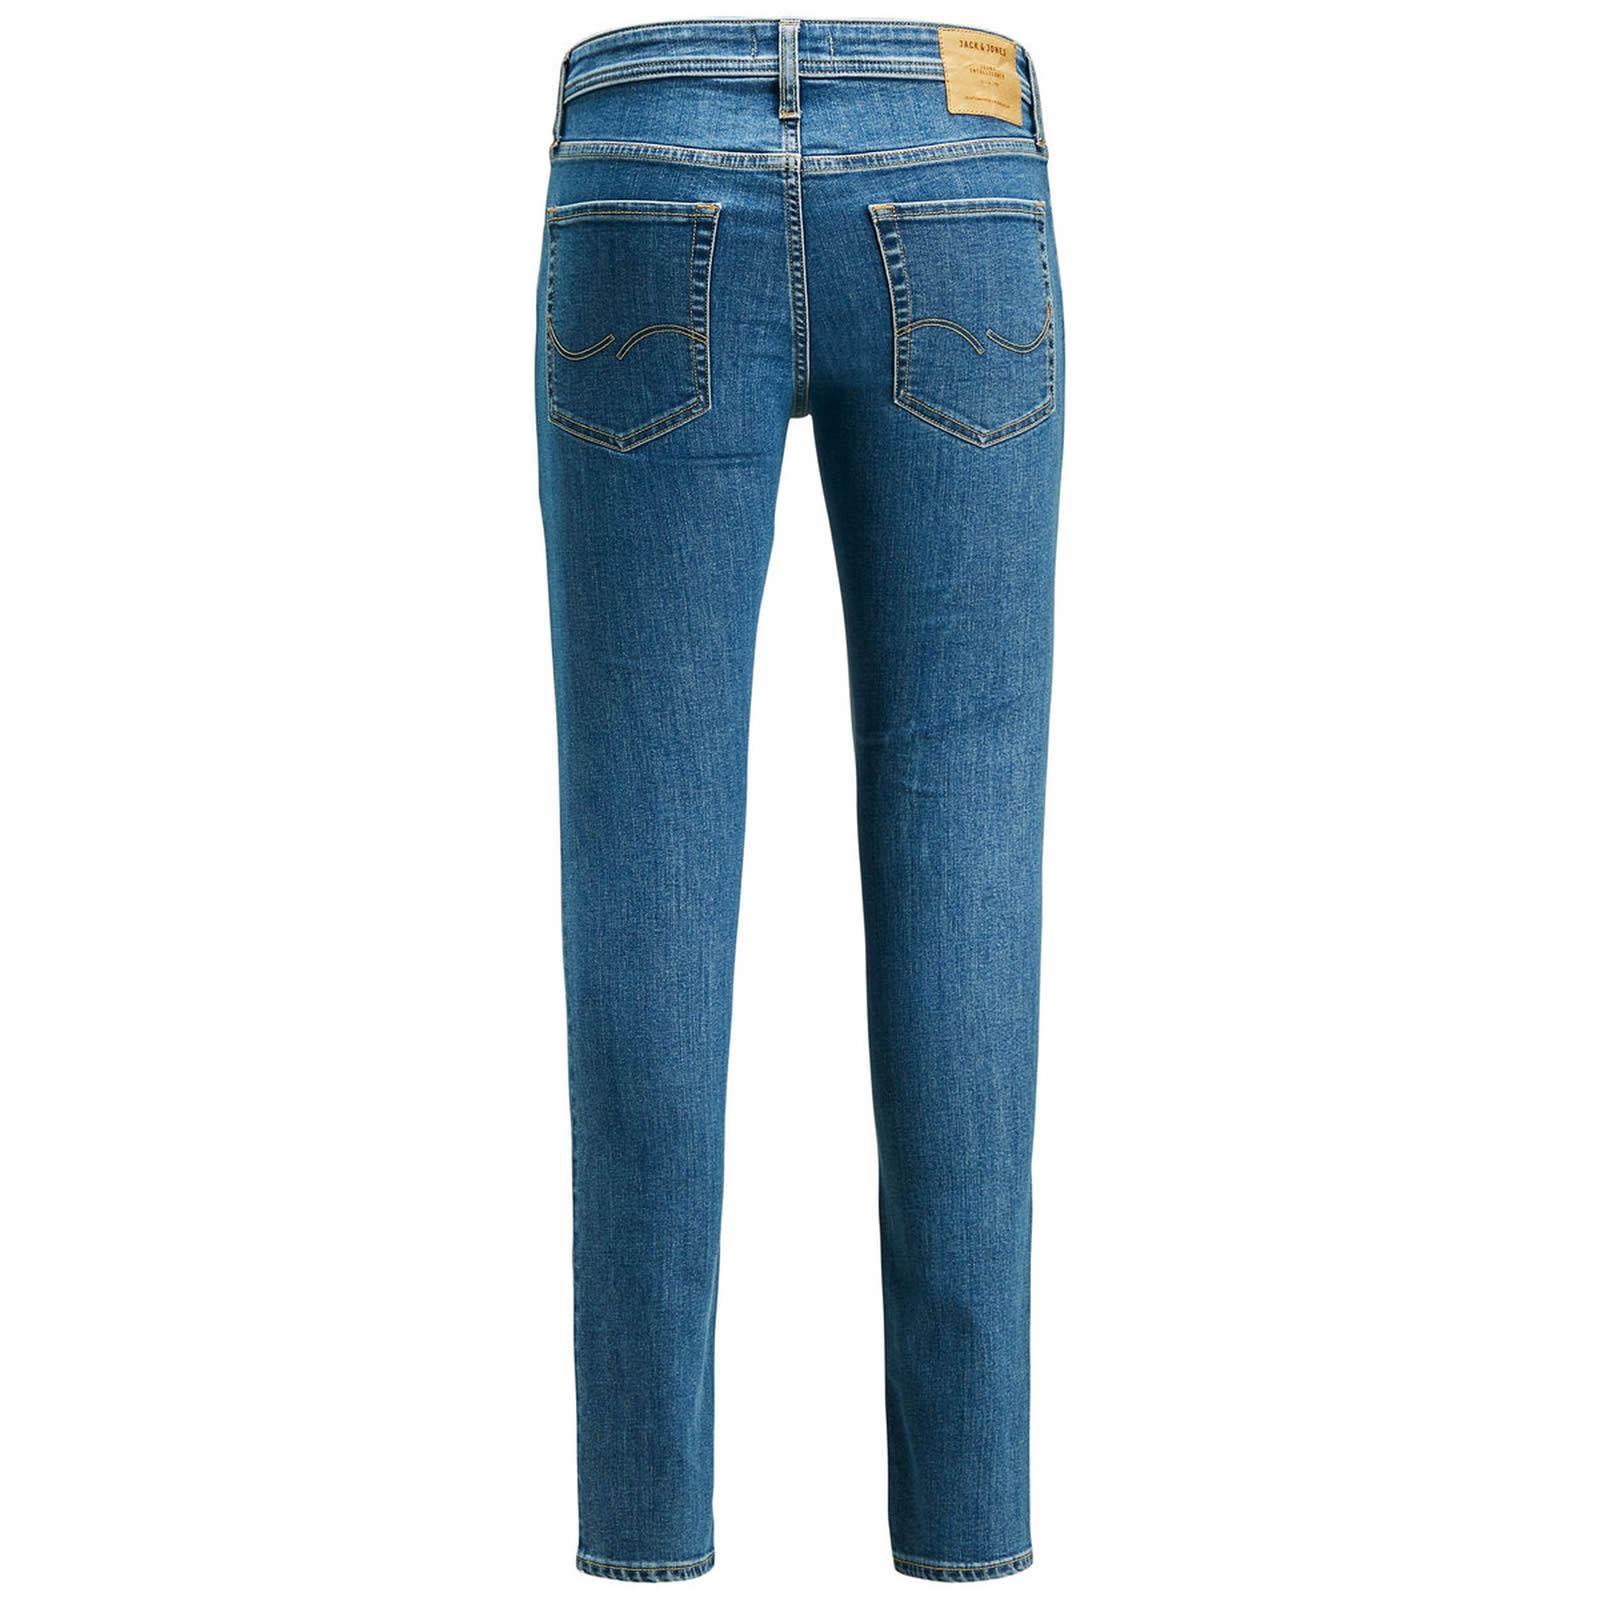 Mens Skinny Jeans JACK /& JONES JJI LIAM AM 694 1.5X Strecth Denim Pants